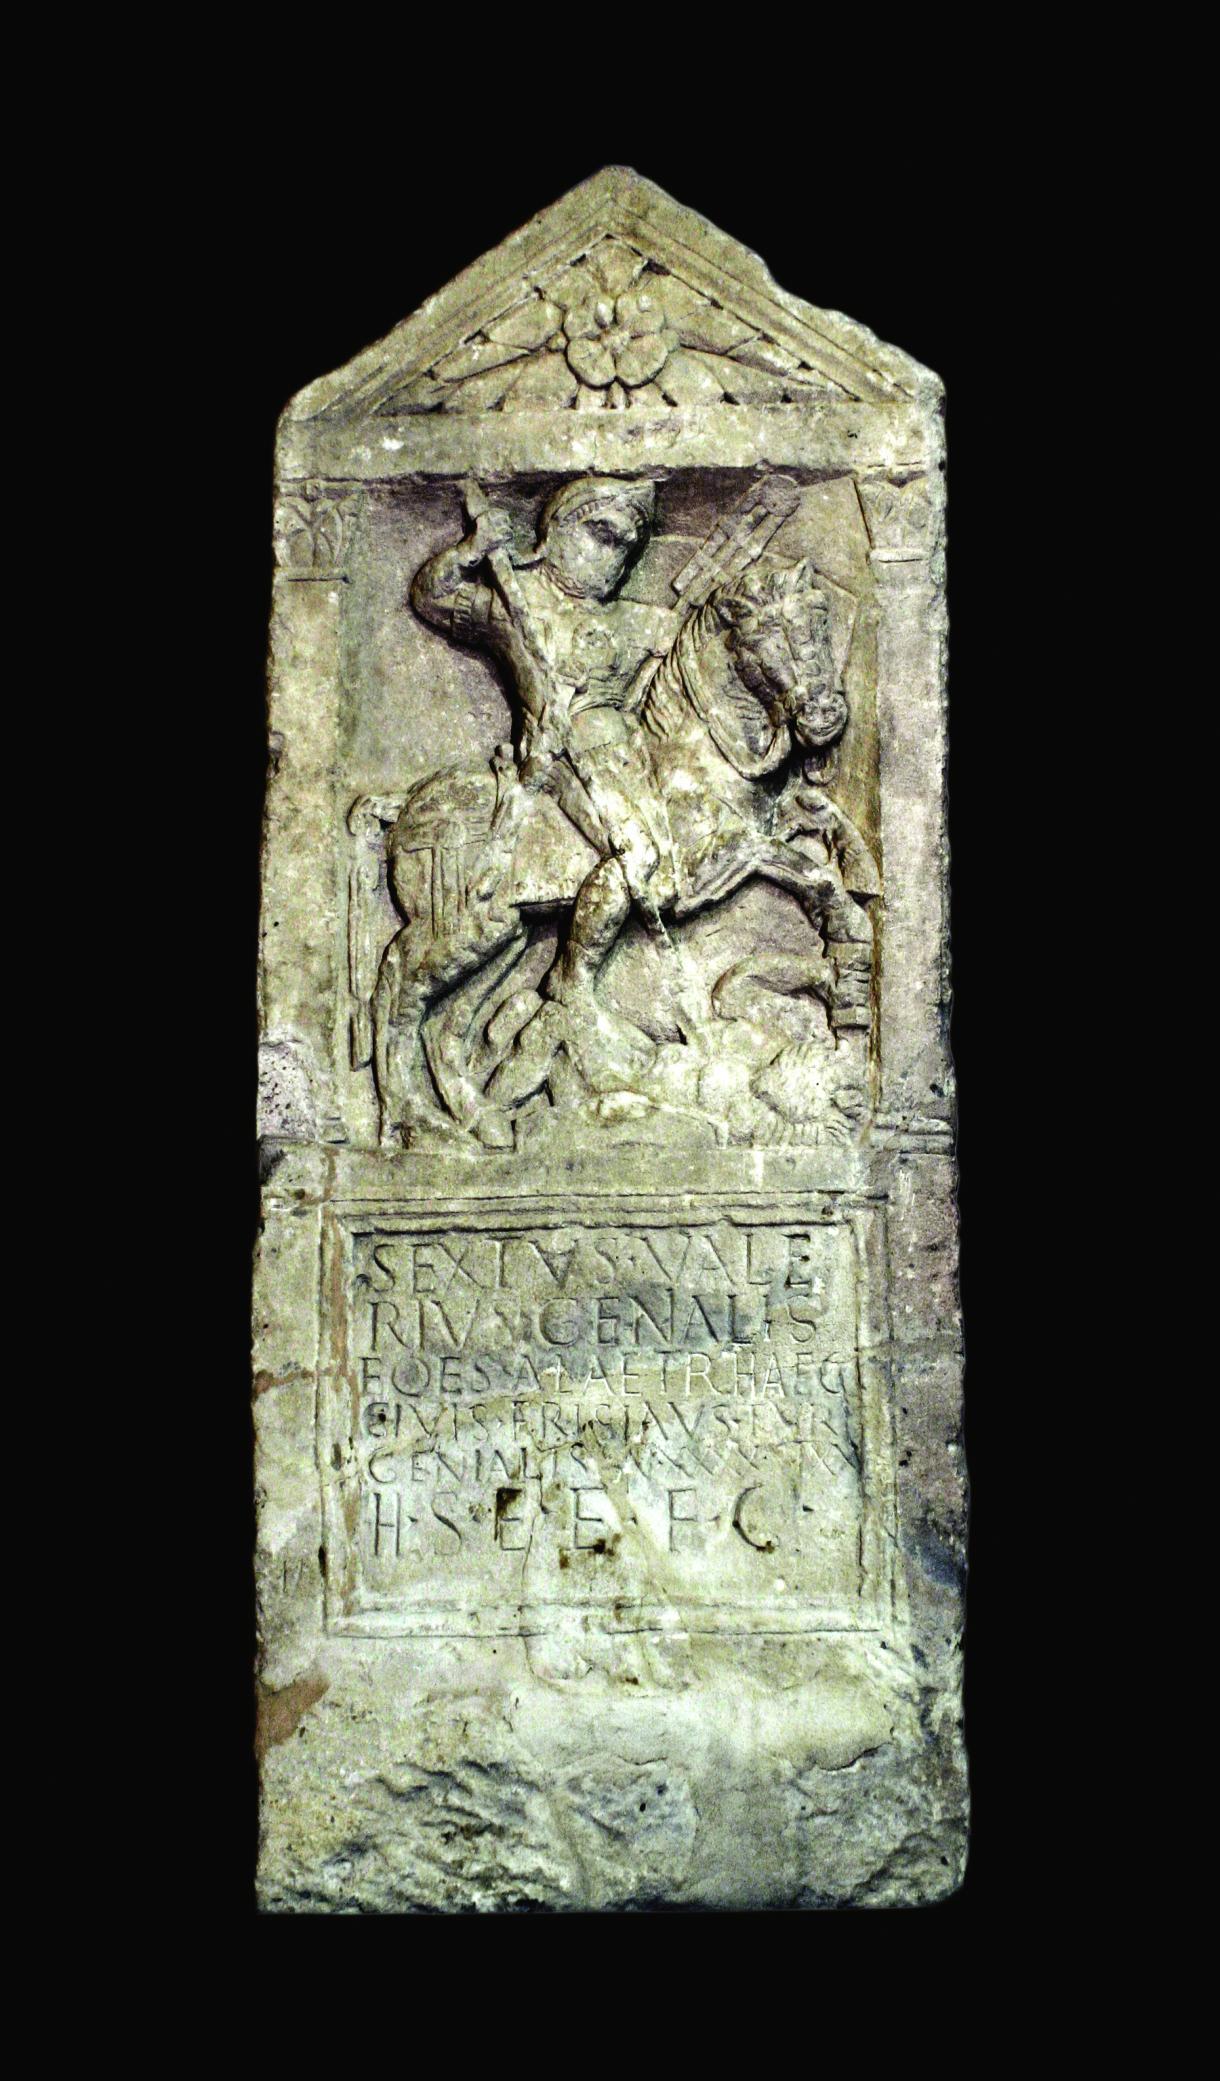 """Résultat de recherche d'images pour """"Sextus Valerius Genialis"""""""